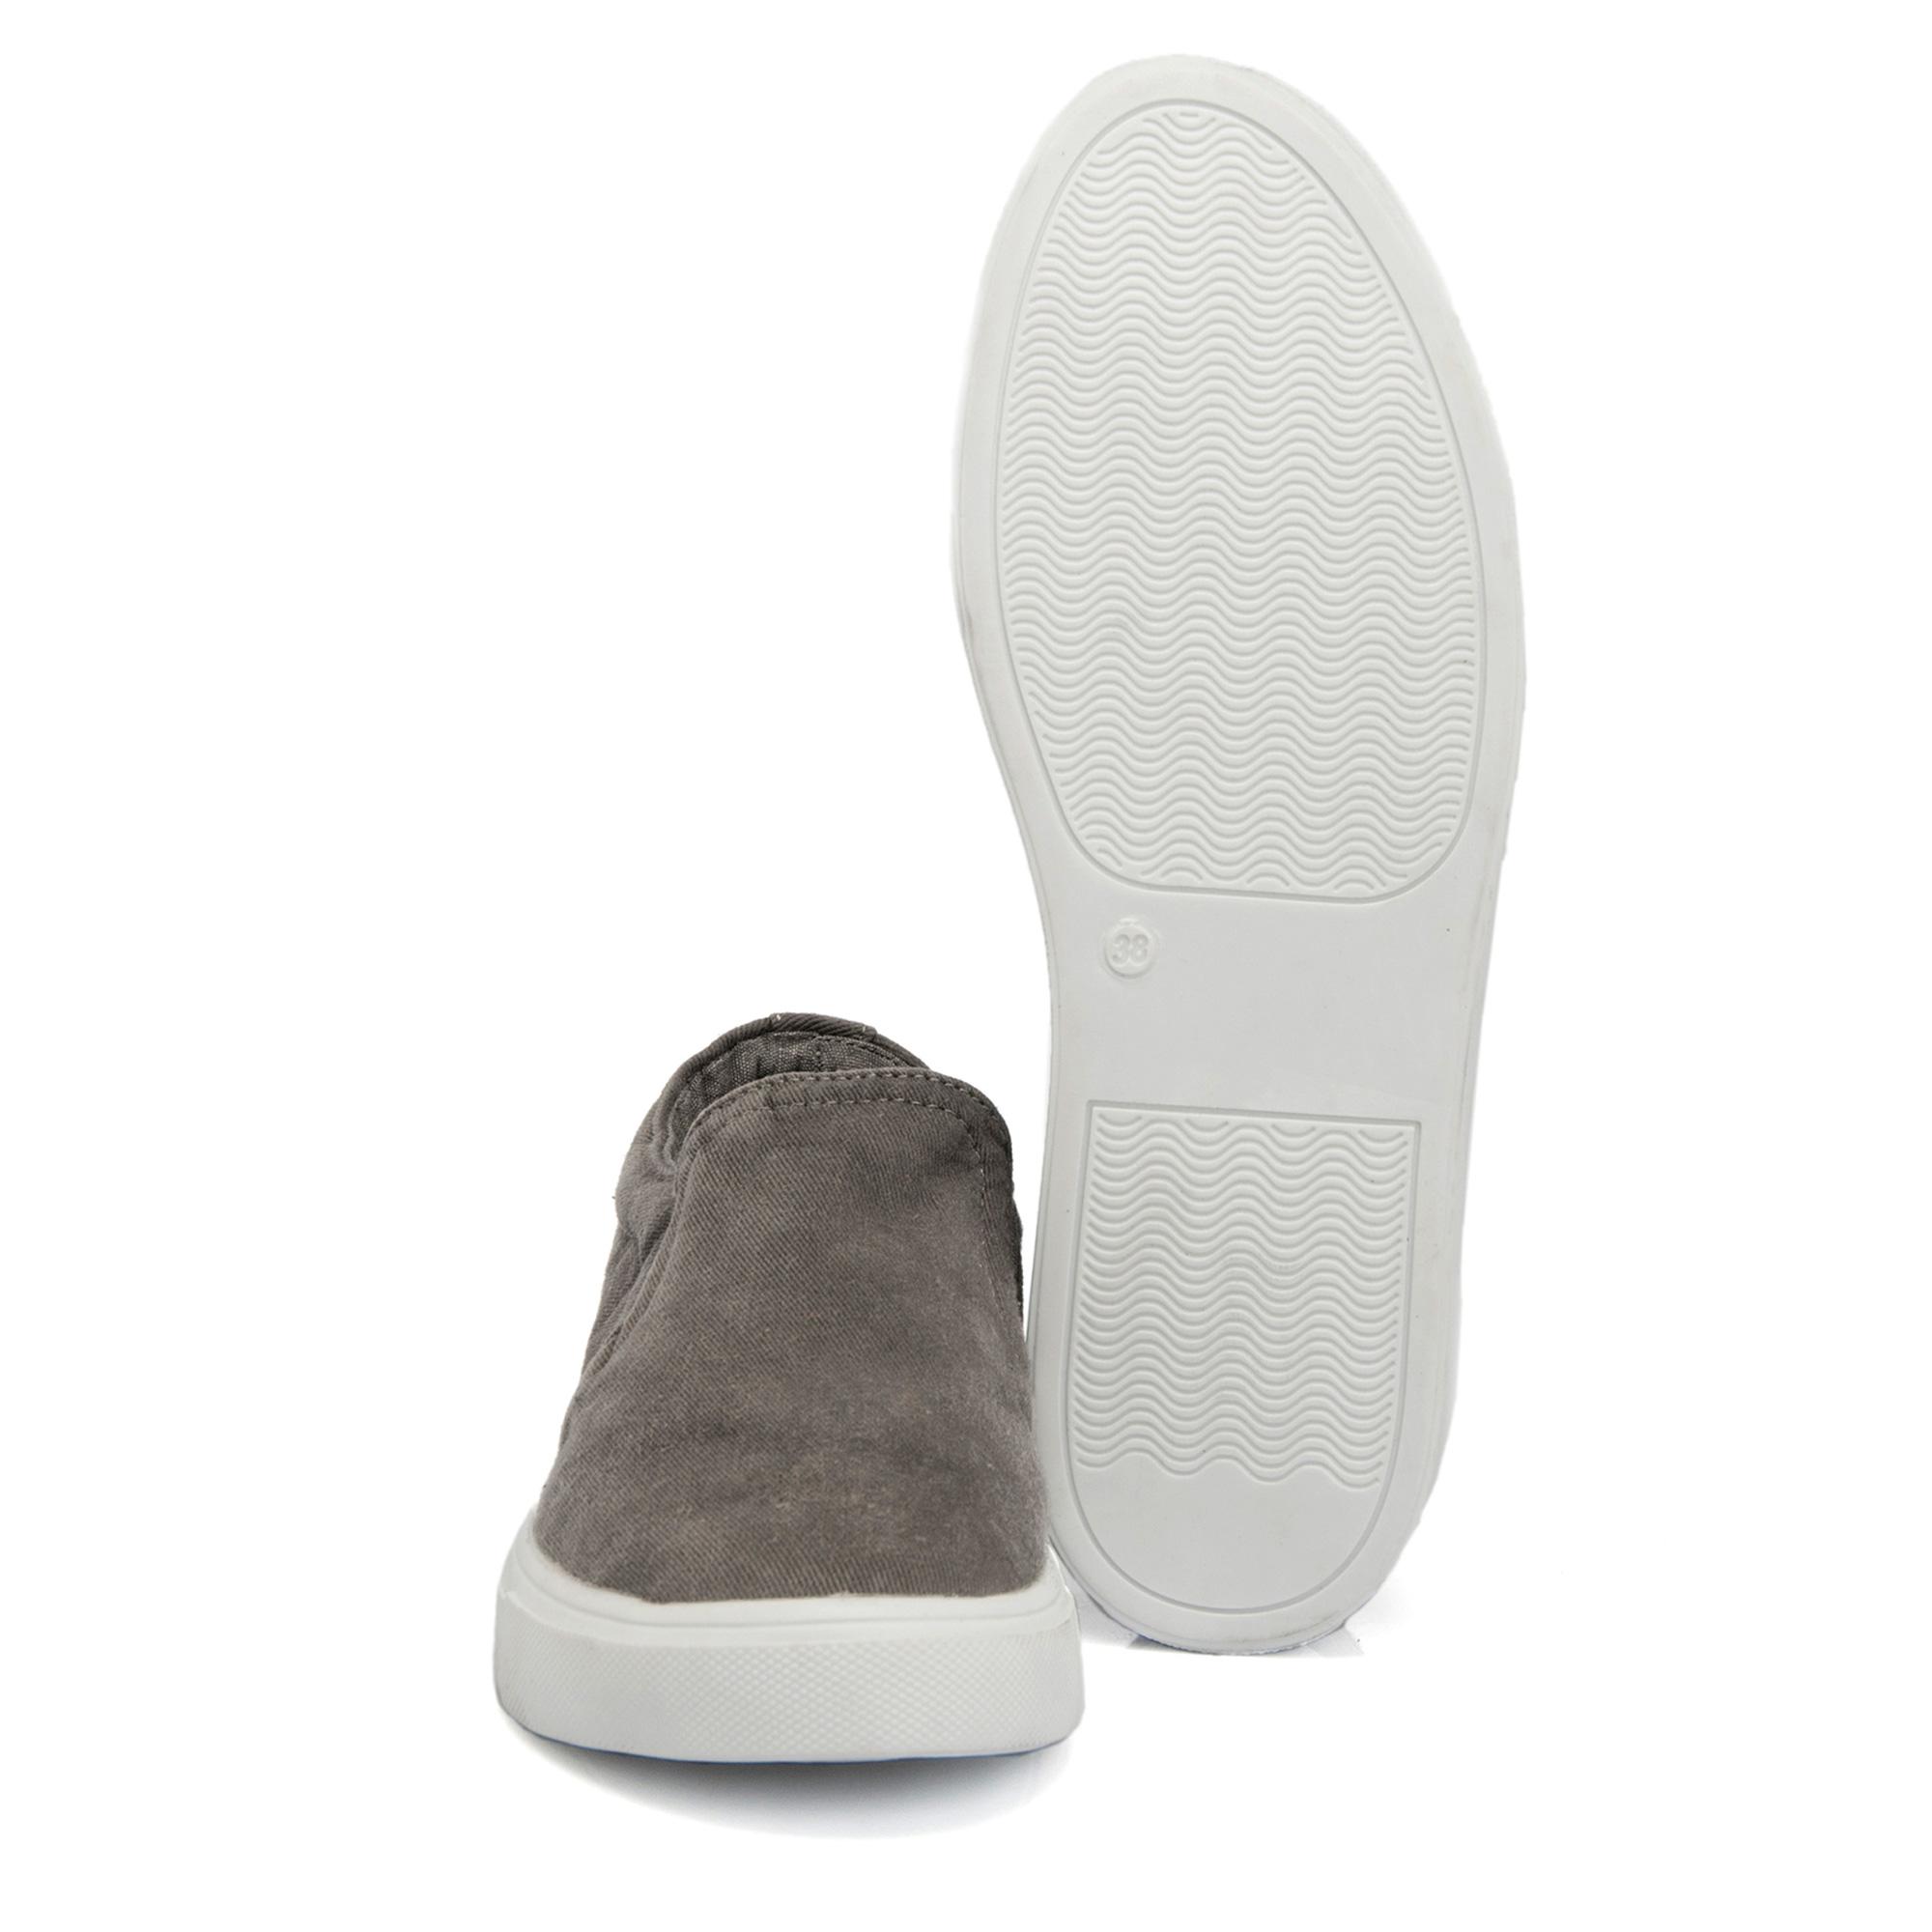 Antrasit Tekstil Kadın Ayakkabı 64545I3M